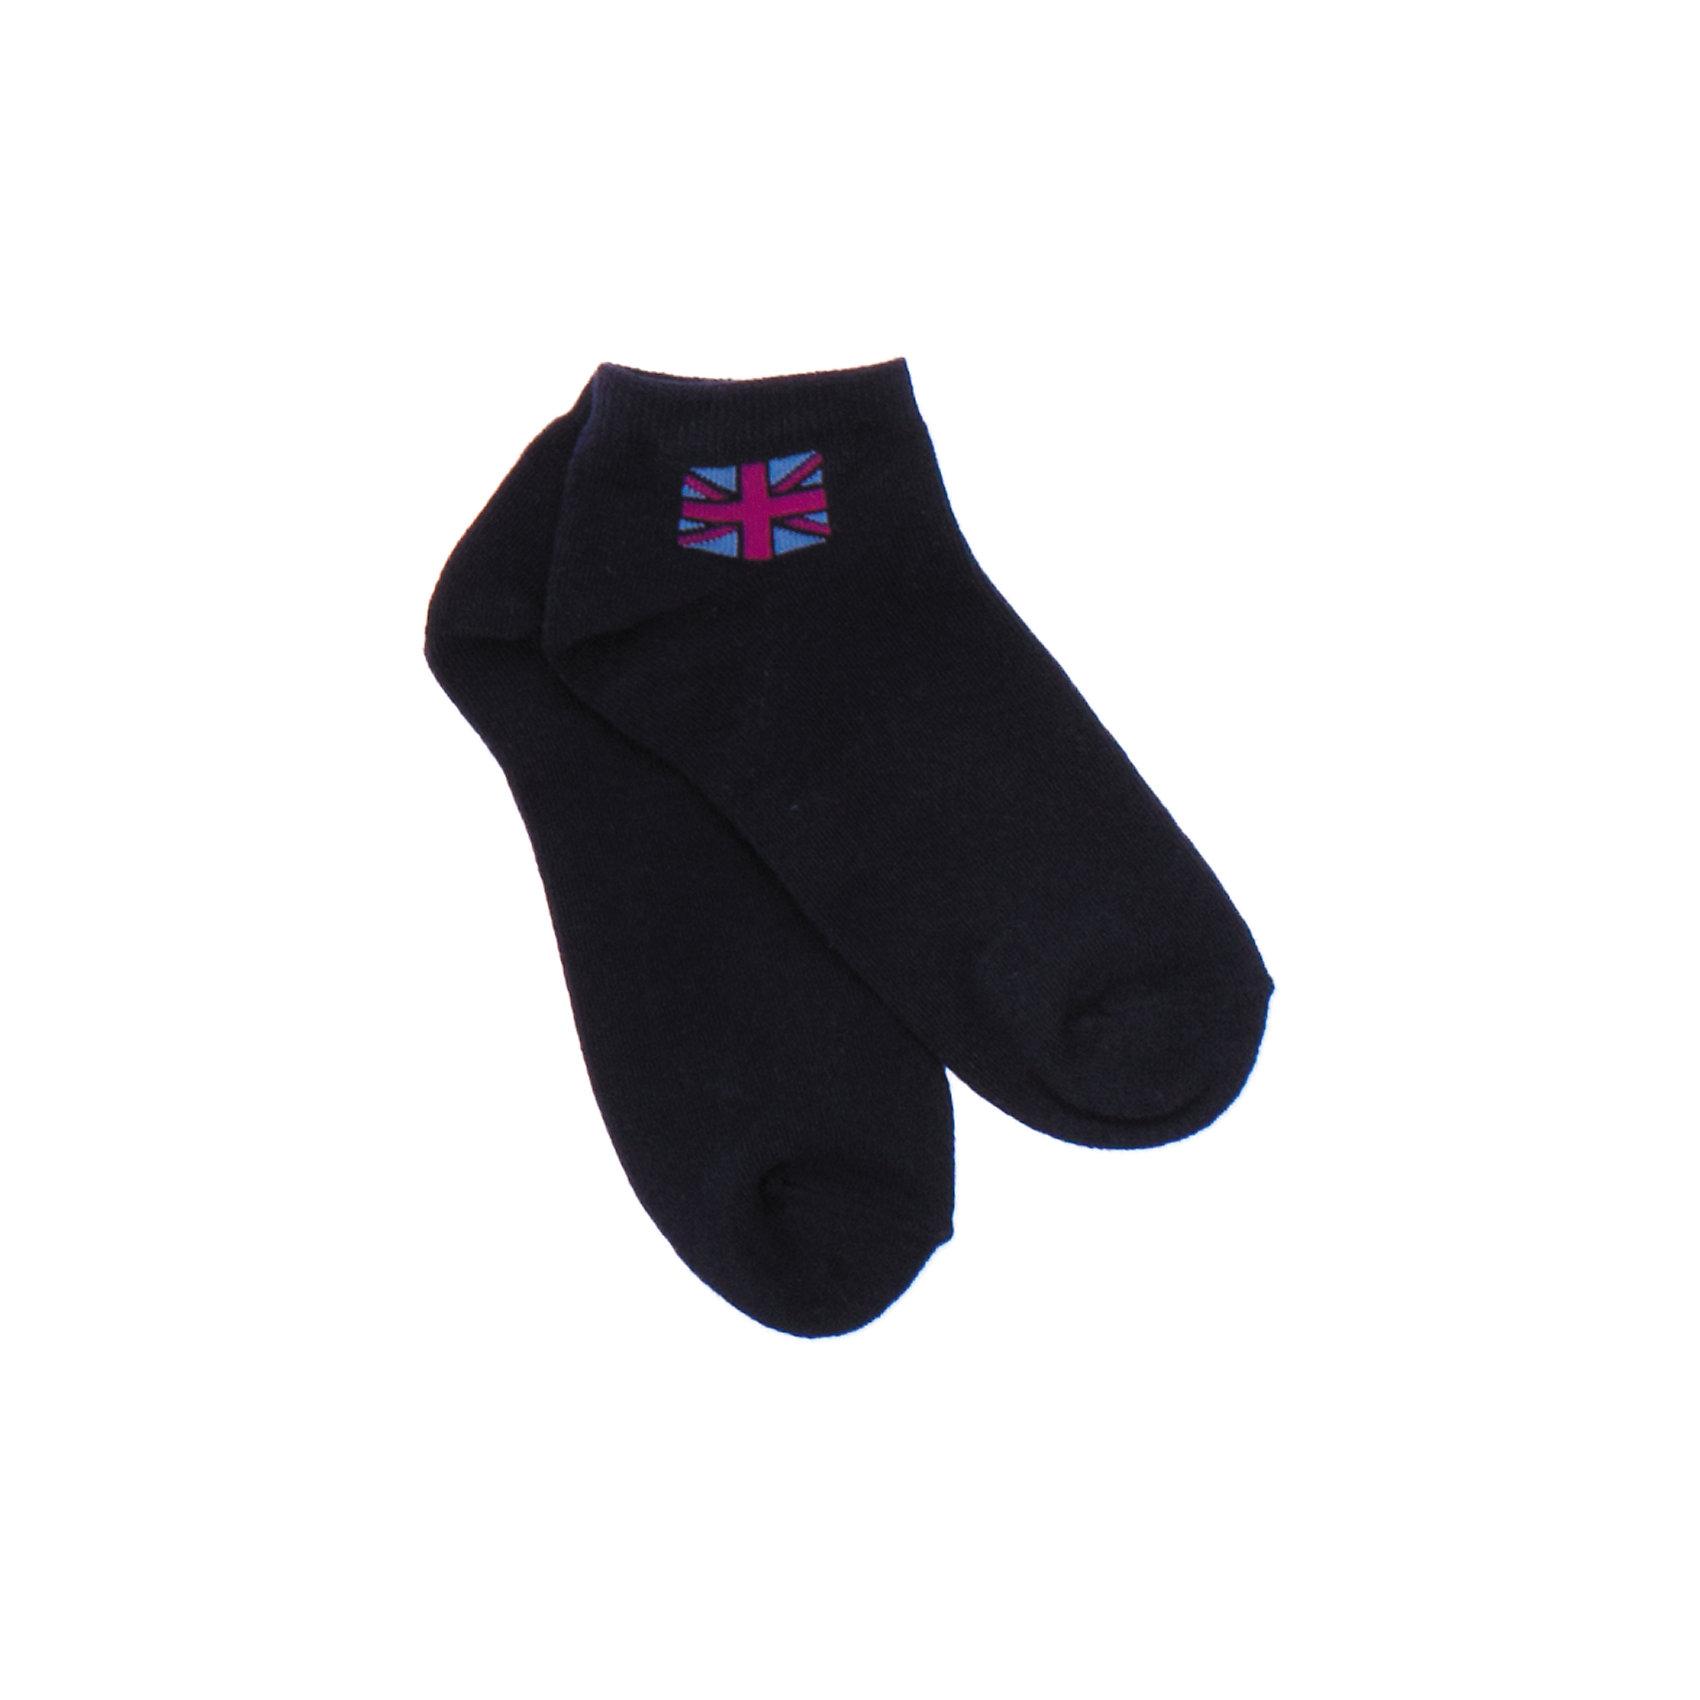 Носки для мальчика ScoolМягкие хлопковые носки темно-синего цвета. Украшены британским флагом сверху. Состав: 75% хлопок, 22% нейлон, 3% эластан<br><br>Ширина мм: 87<br>Глубина мм: 10<br>Высота мм: 105<br>Вес г: 115<br>Цвет: синий<br>Возраст от месяцев: 9<br>Возраст до месяцев: 12<br>Пол: Мужской<br>Возраст: Детский<br>Размер: 20,24,22<br>SKU: 4652827